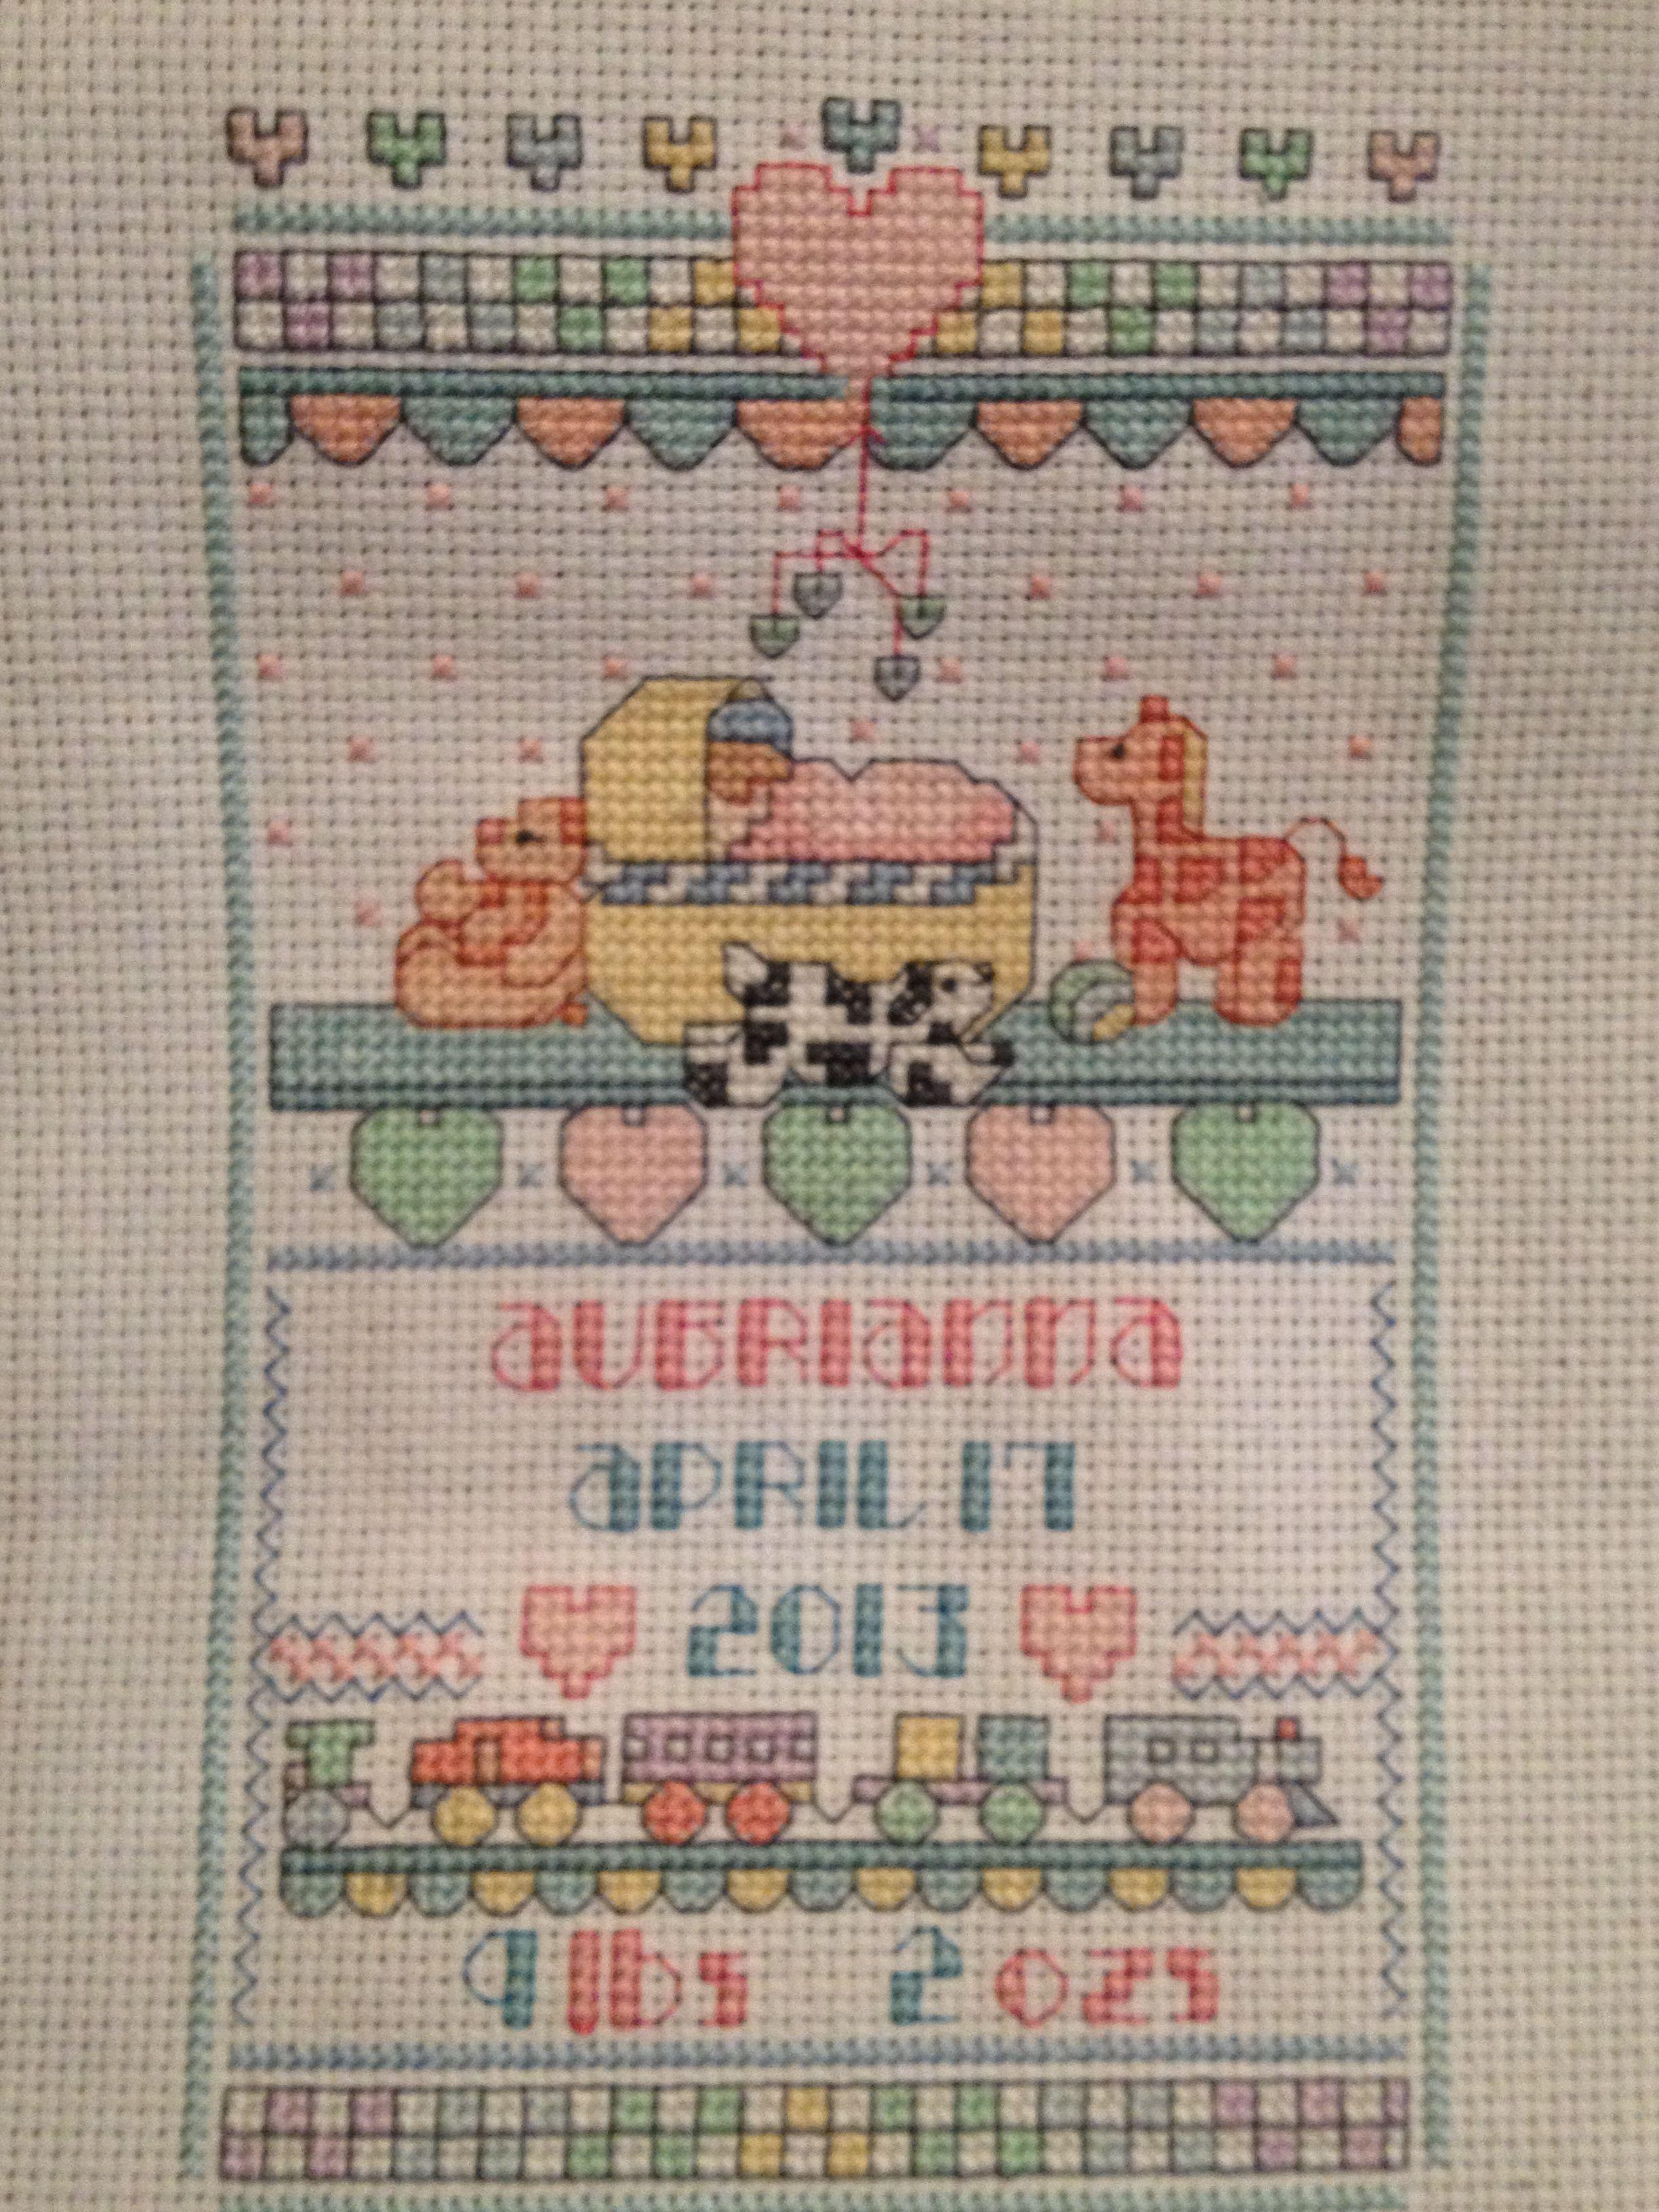 Cross stitch I made for Aubrianna.